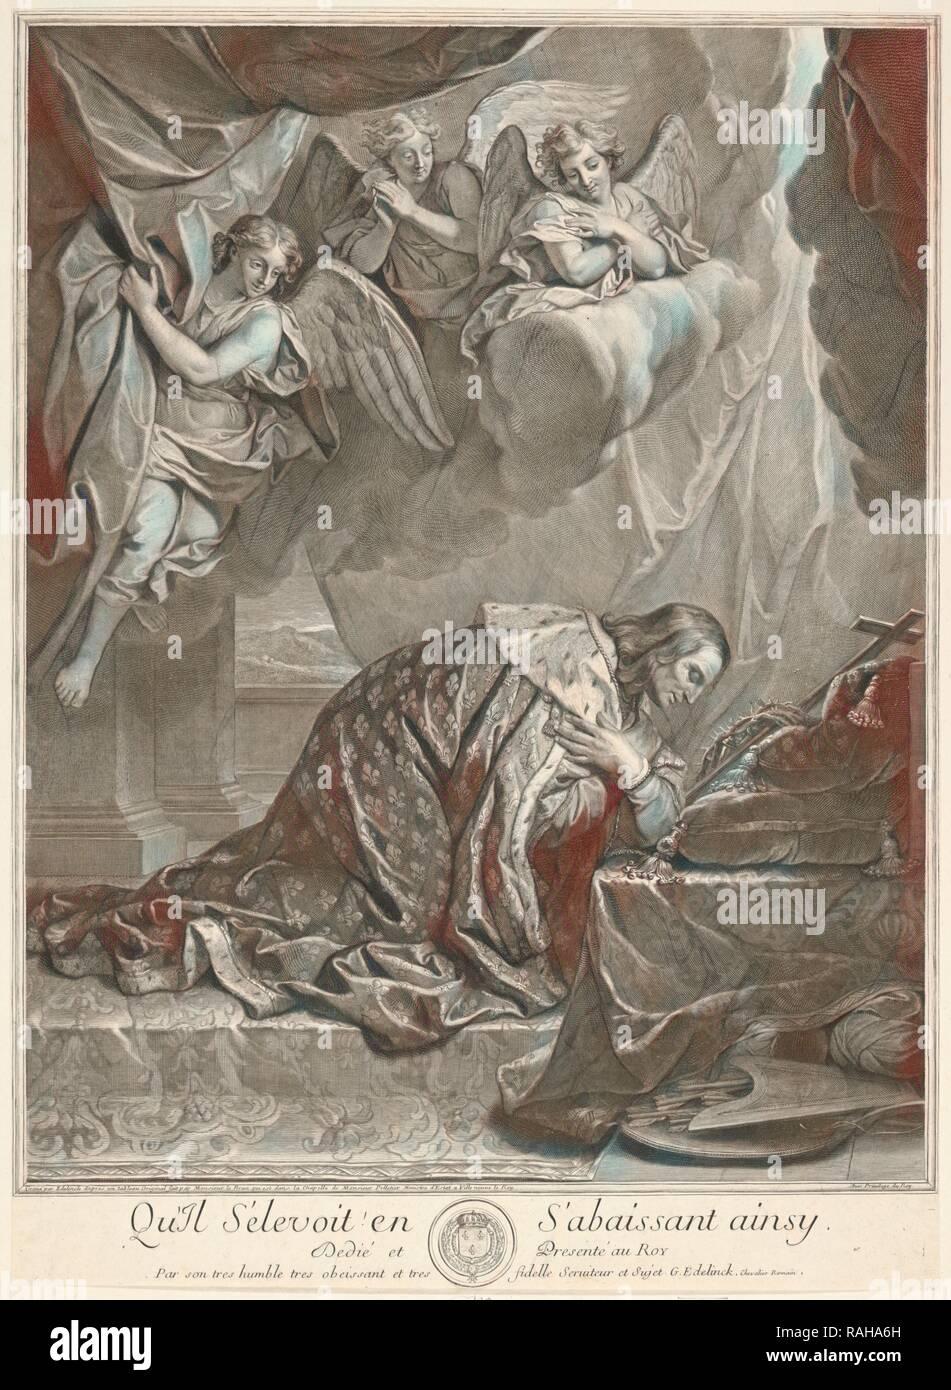 Portrait de Saint Louis, Roi de France, Edelinck, Gérard, 1640-1707, Le Brun, Charles, 1619-1690, gravure, noir- repensé Banque D'Images